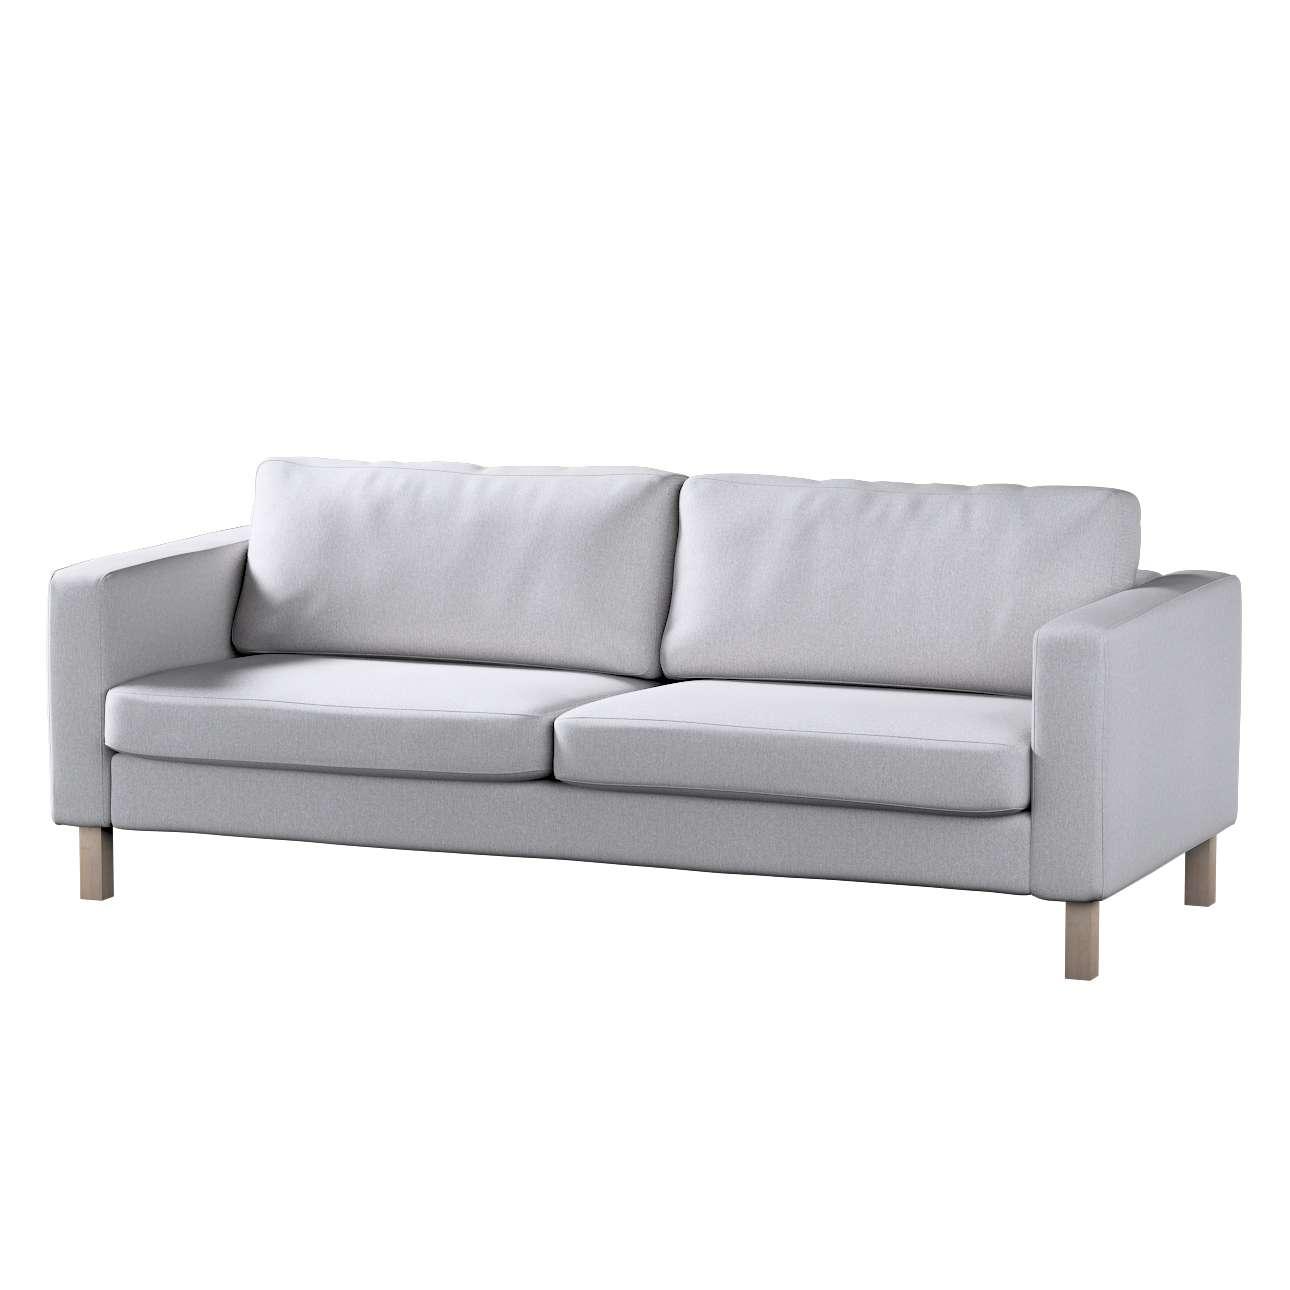 Potah na pohovku IKEA  Karlstad 3-místná, nerozkládací, krátký v kolekci Amsterdam, látka: 704-45